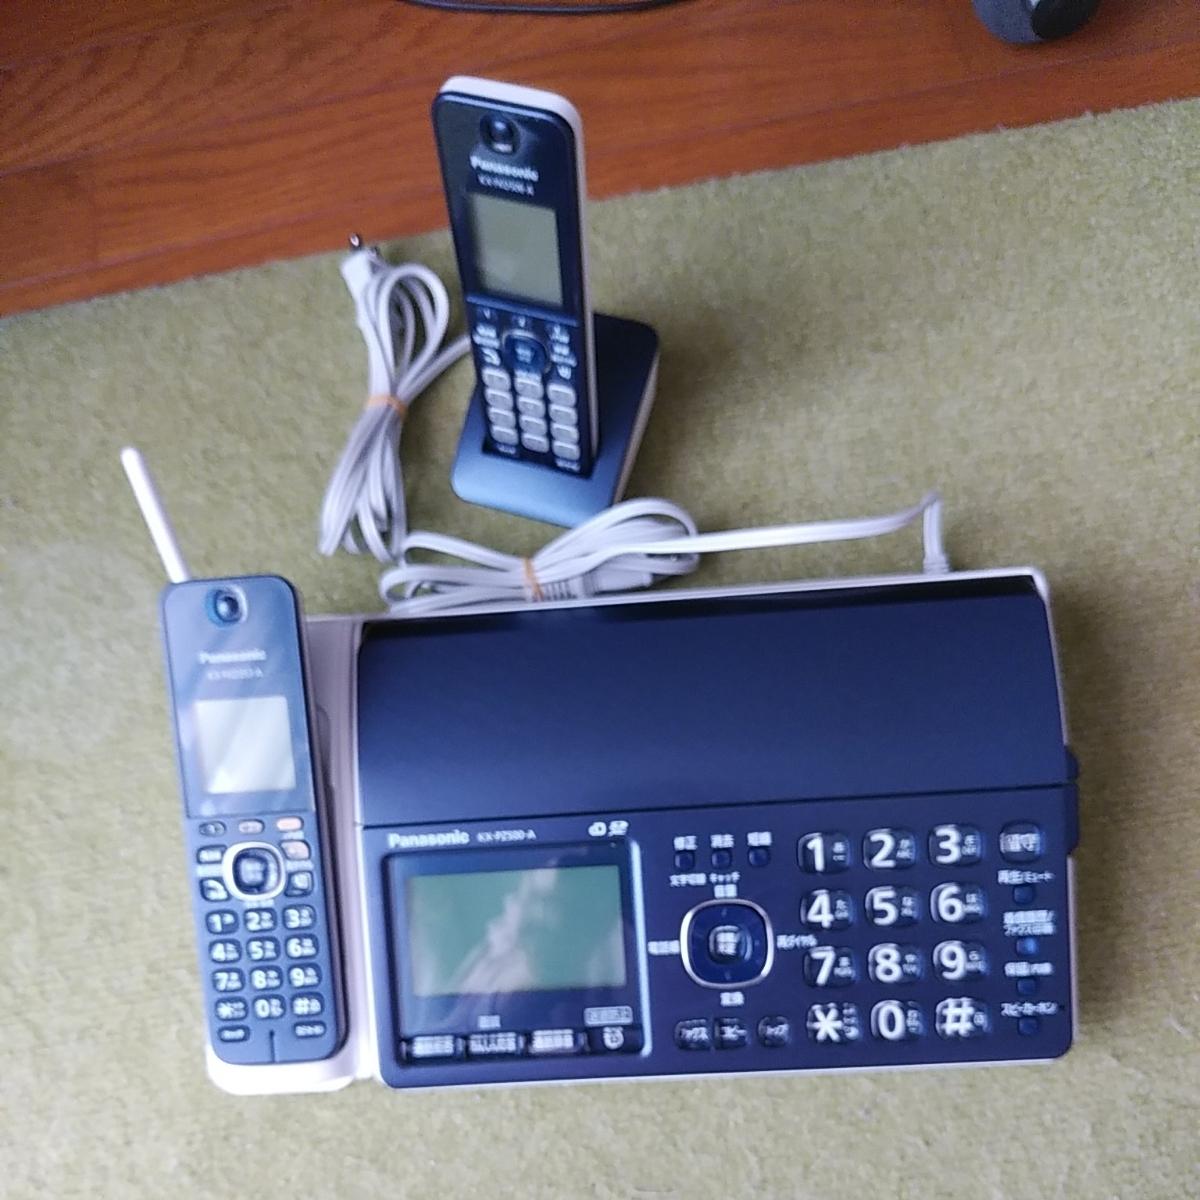 中古 Panasonic パナソニック FAX 親機コードレス 子機付き KX-PZ500-A _画像10